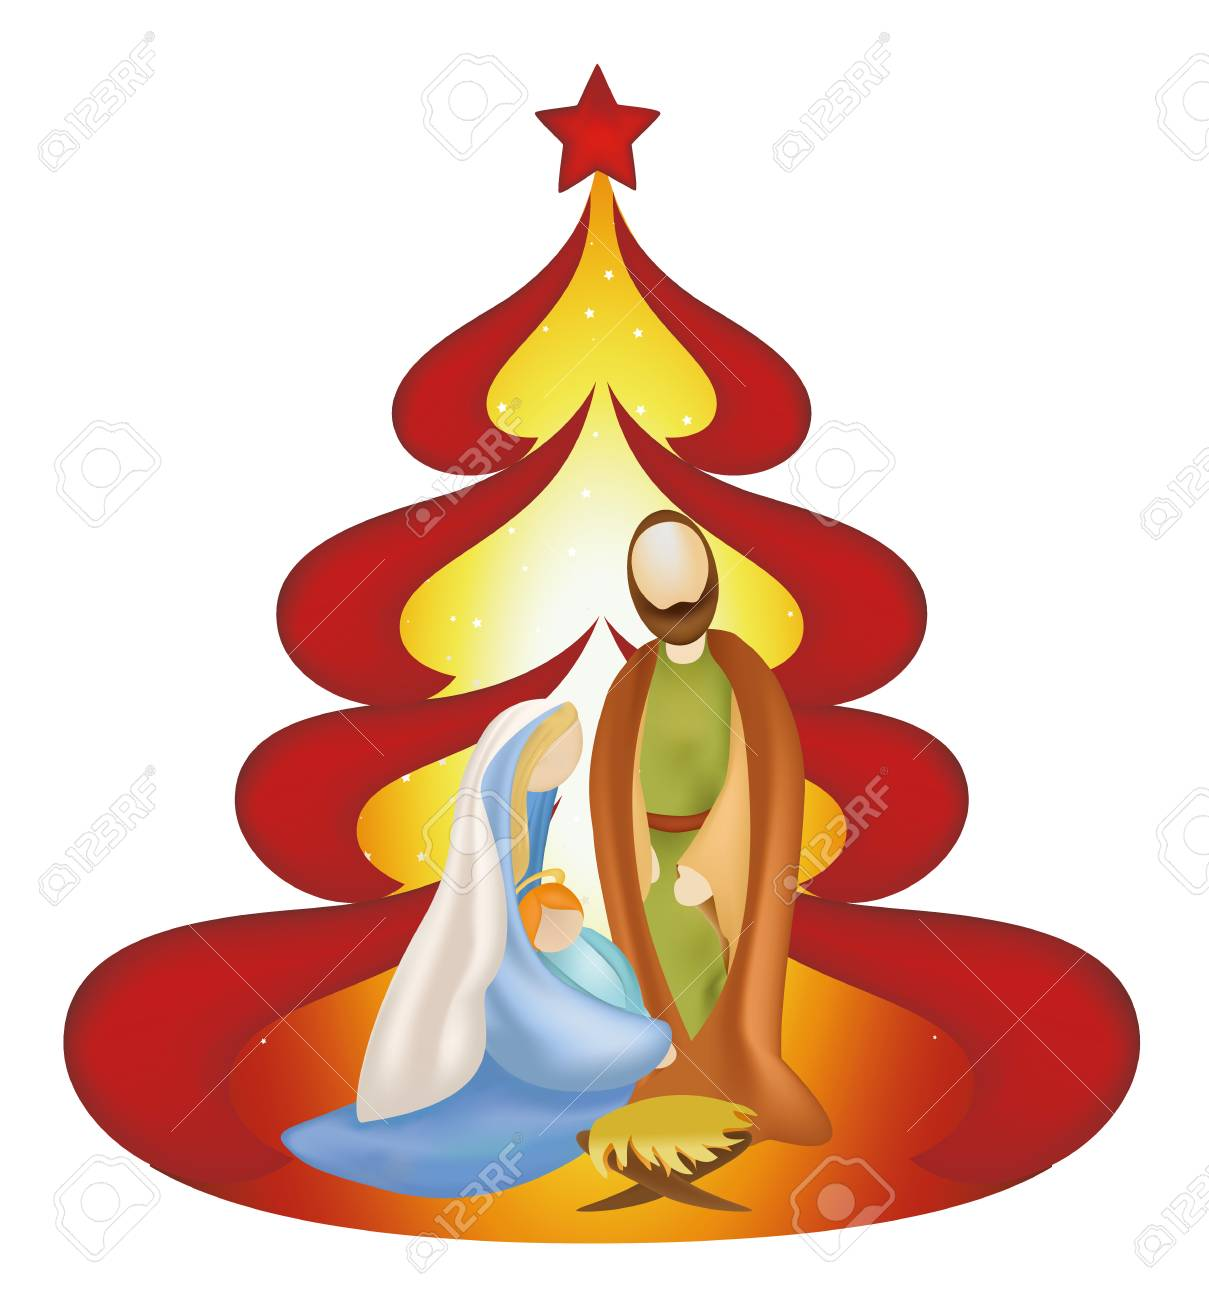 Christmas Jesus.Christmas Tree Nativity Scene With Holy Family Jesus Jesus Mary